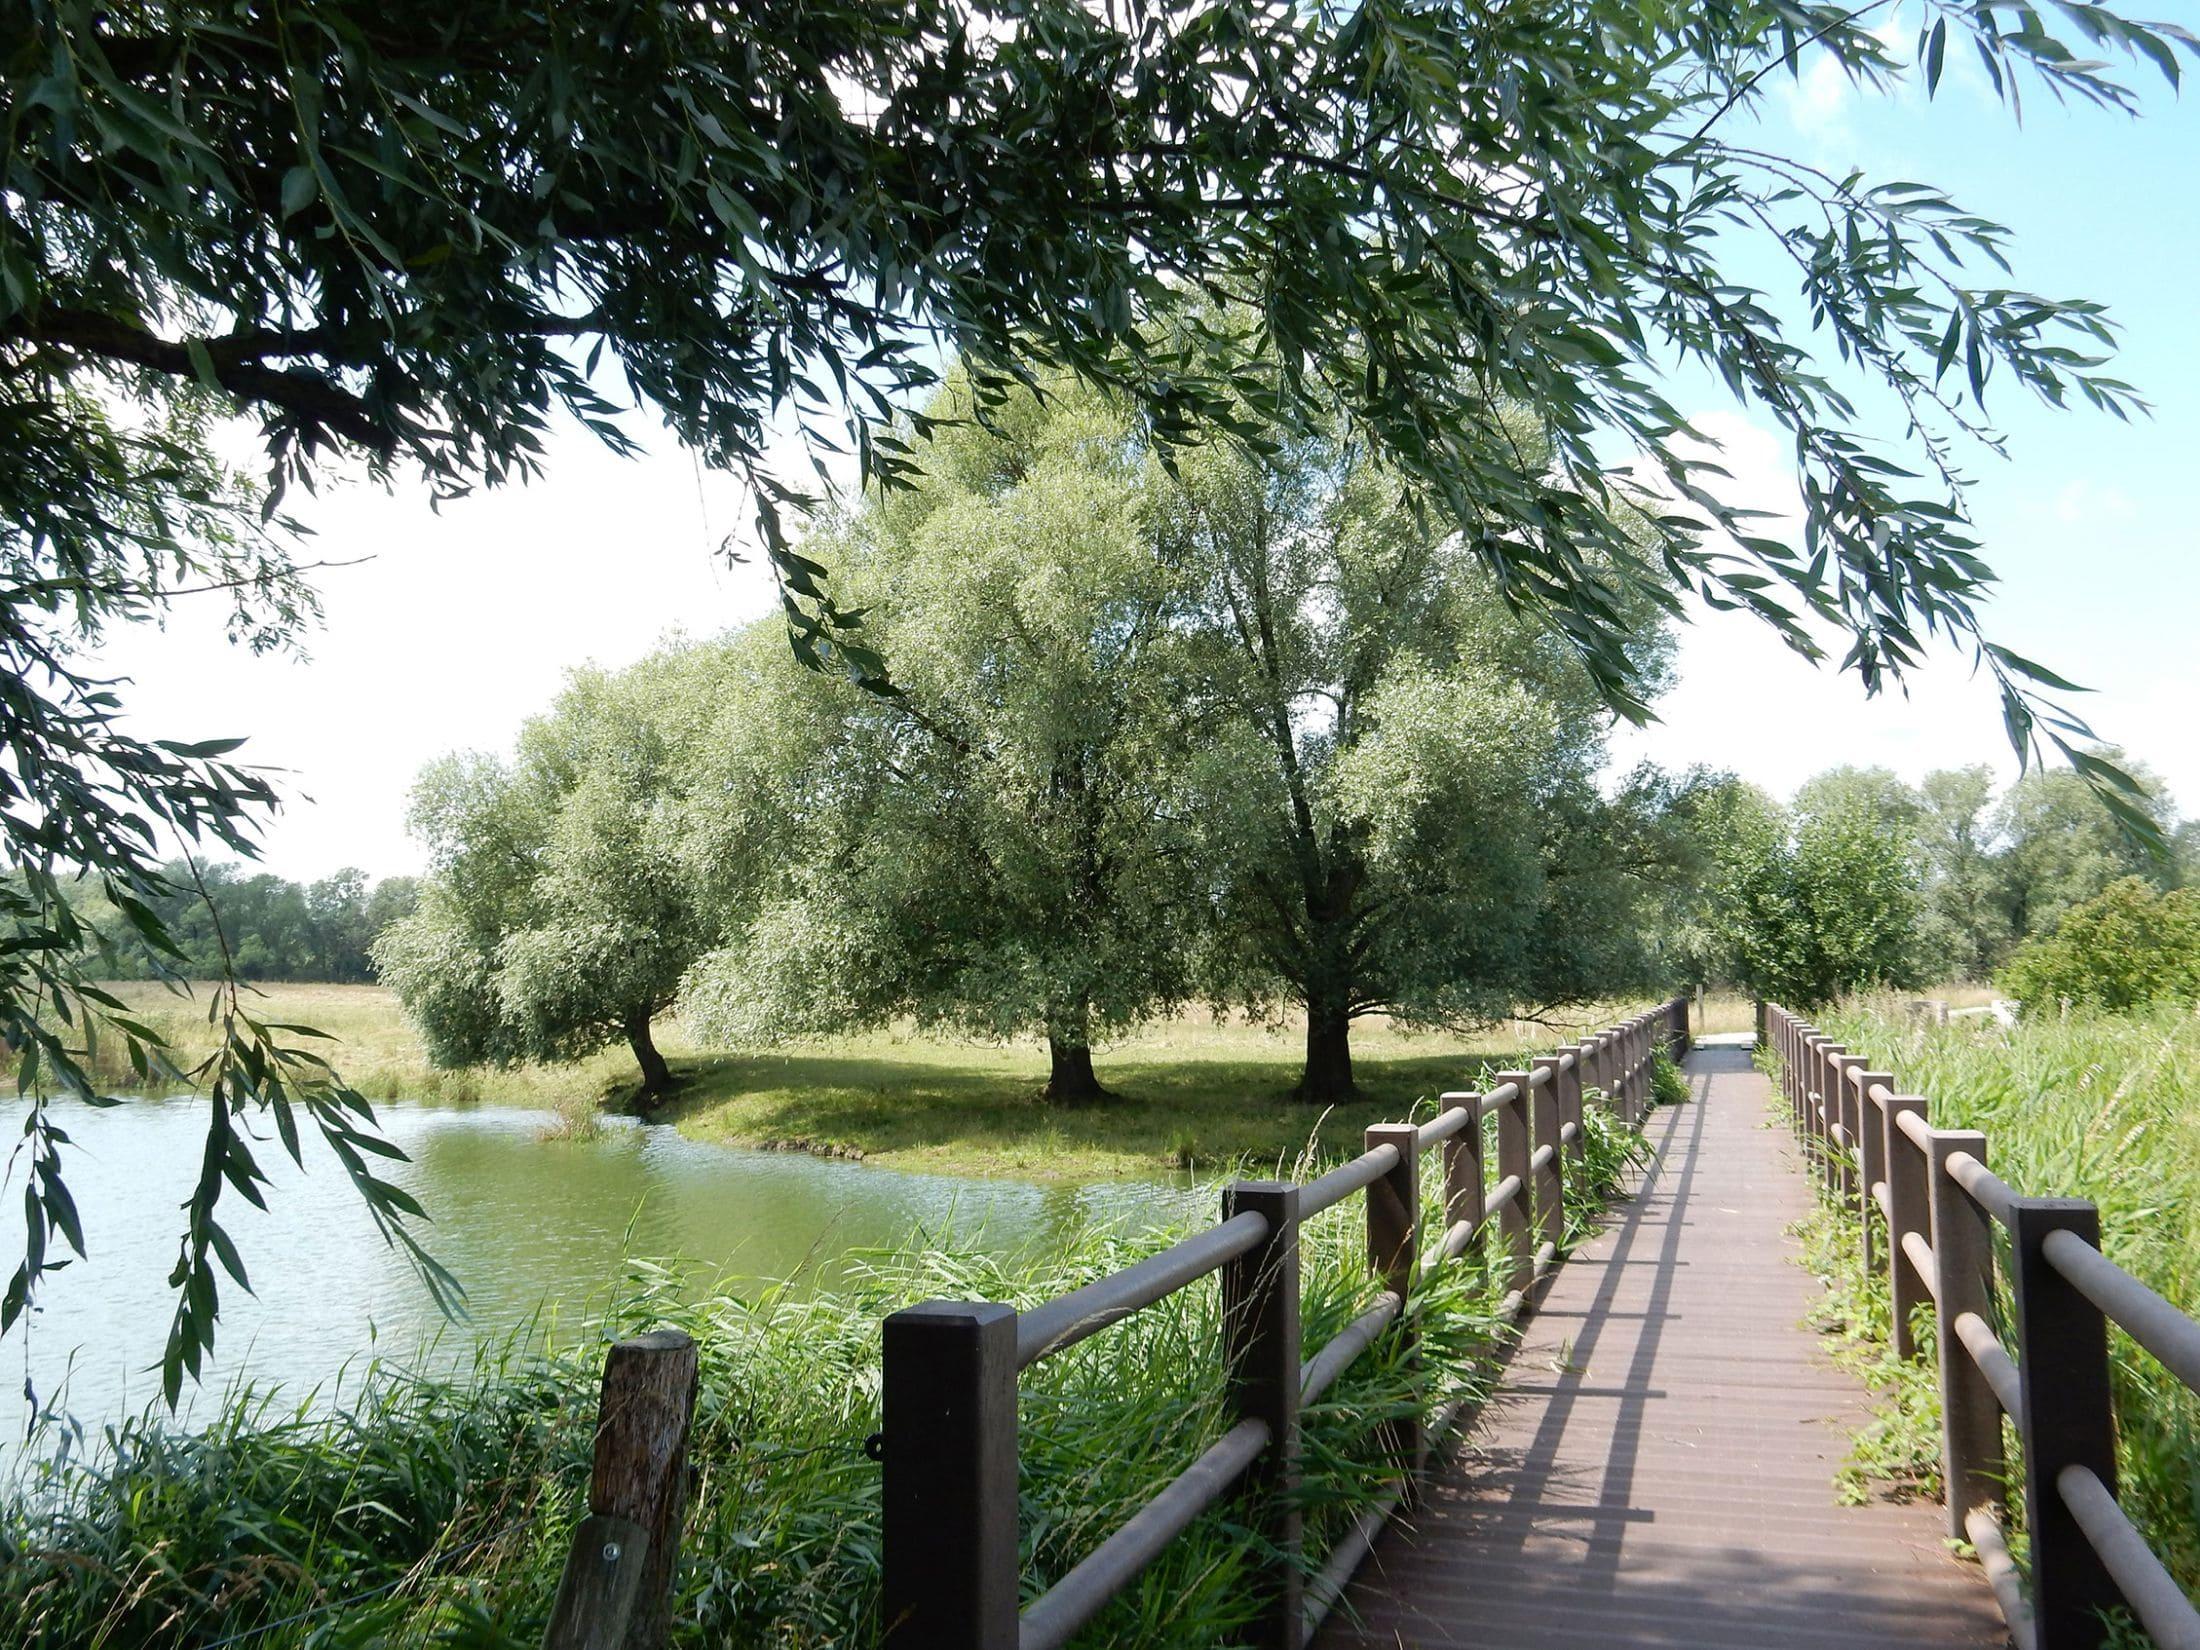 Mühlensee in Vehlefanz